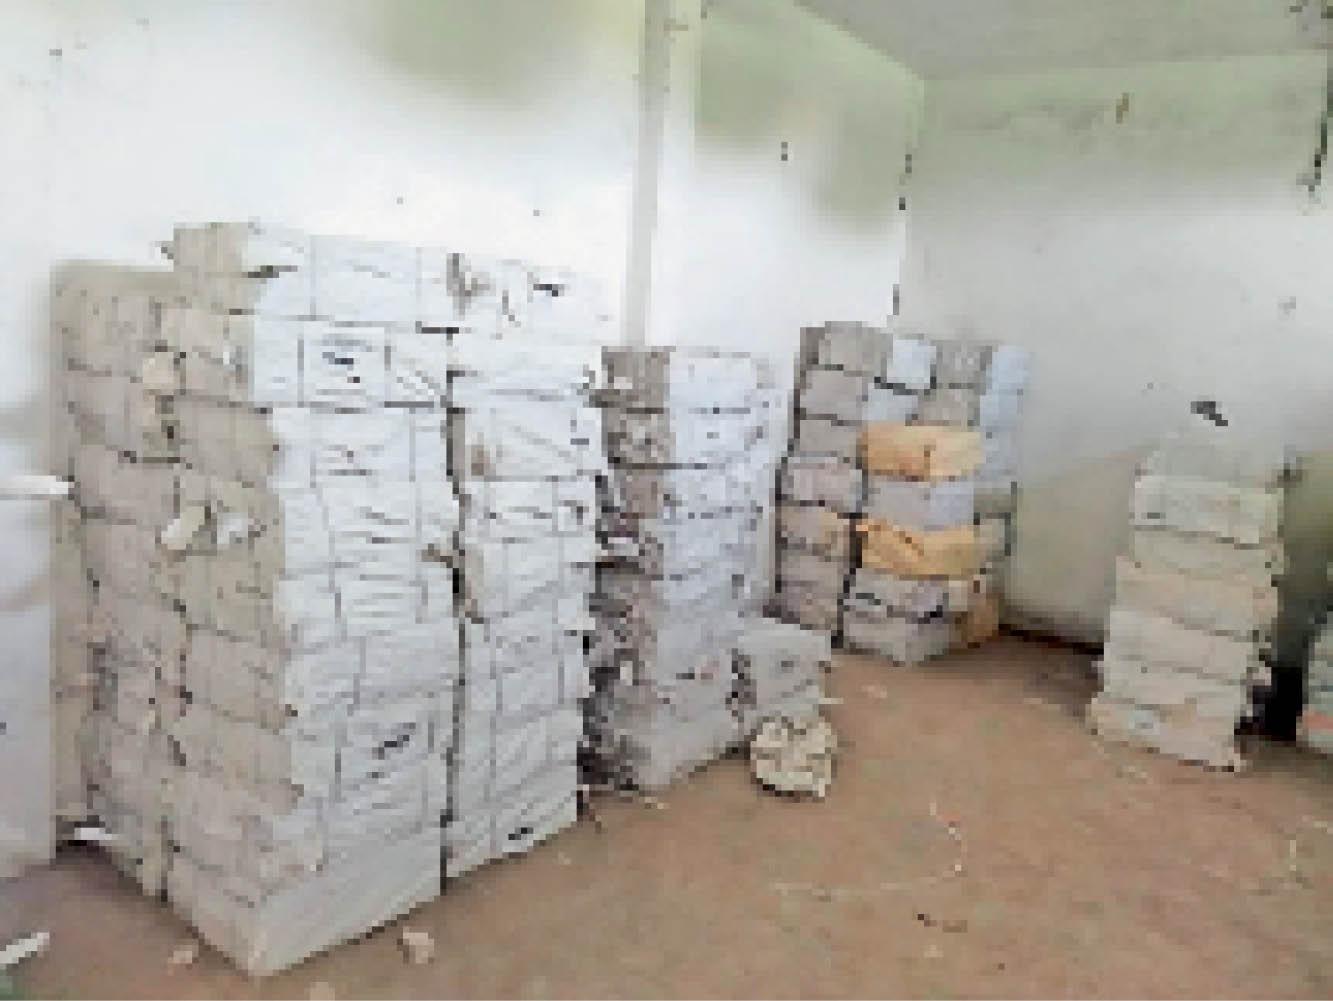 नीमच बीआरसी कार्यालय कक्ष में रखे पुस्तकों के बंडल। - Dainik Bhaskar